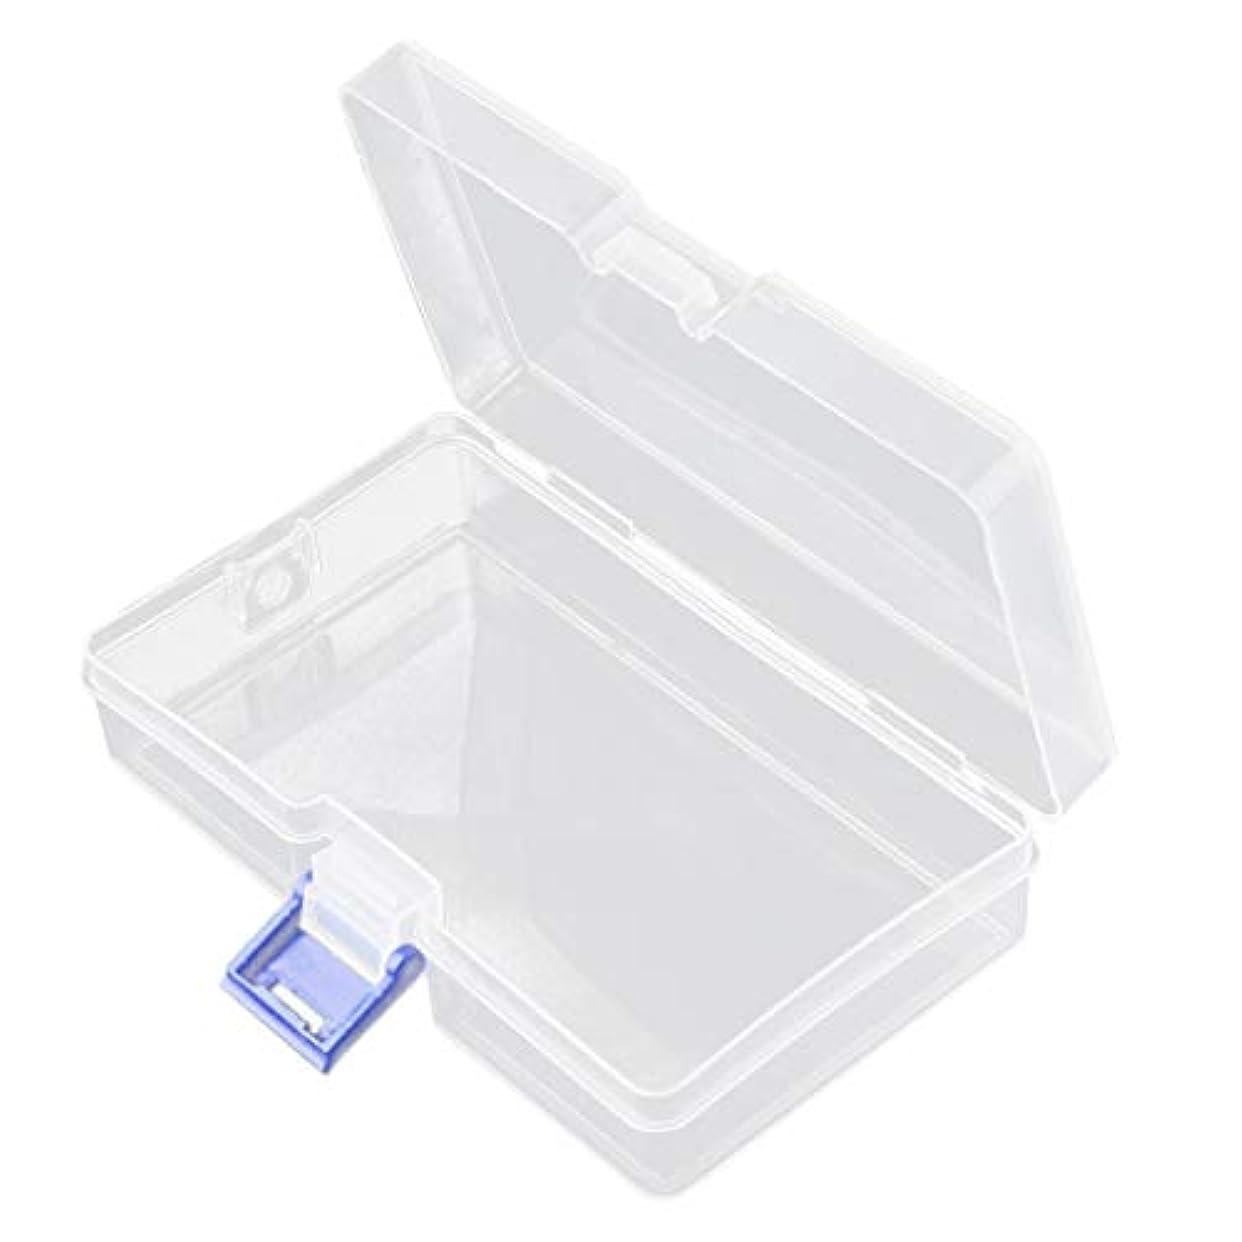 すぐに可愛い世界的にCUTICATE ネイルアート用品収納 ボックス アクセサリー収納 パーツケース ジュエリー 小物整理 ふた付